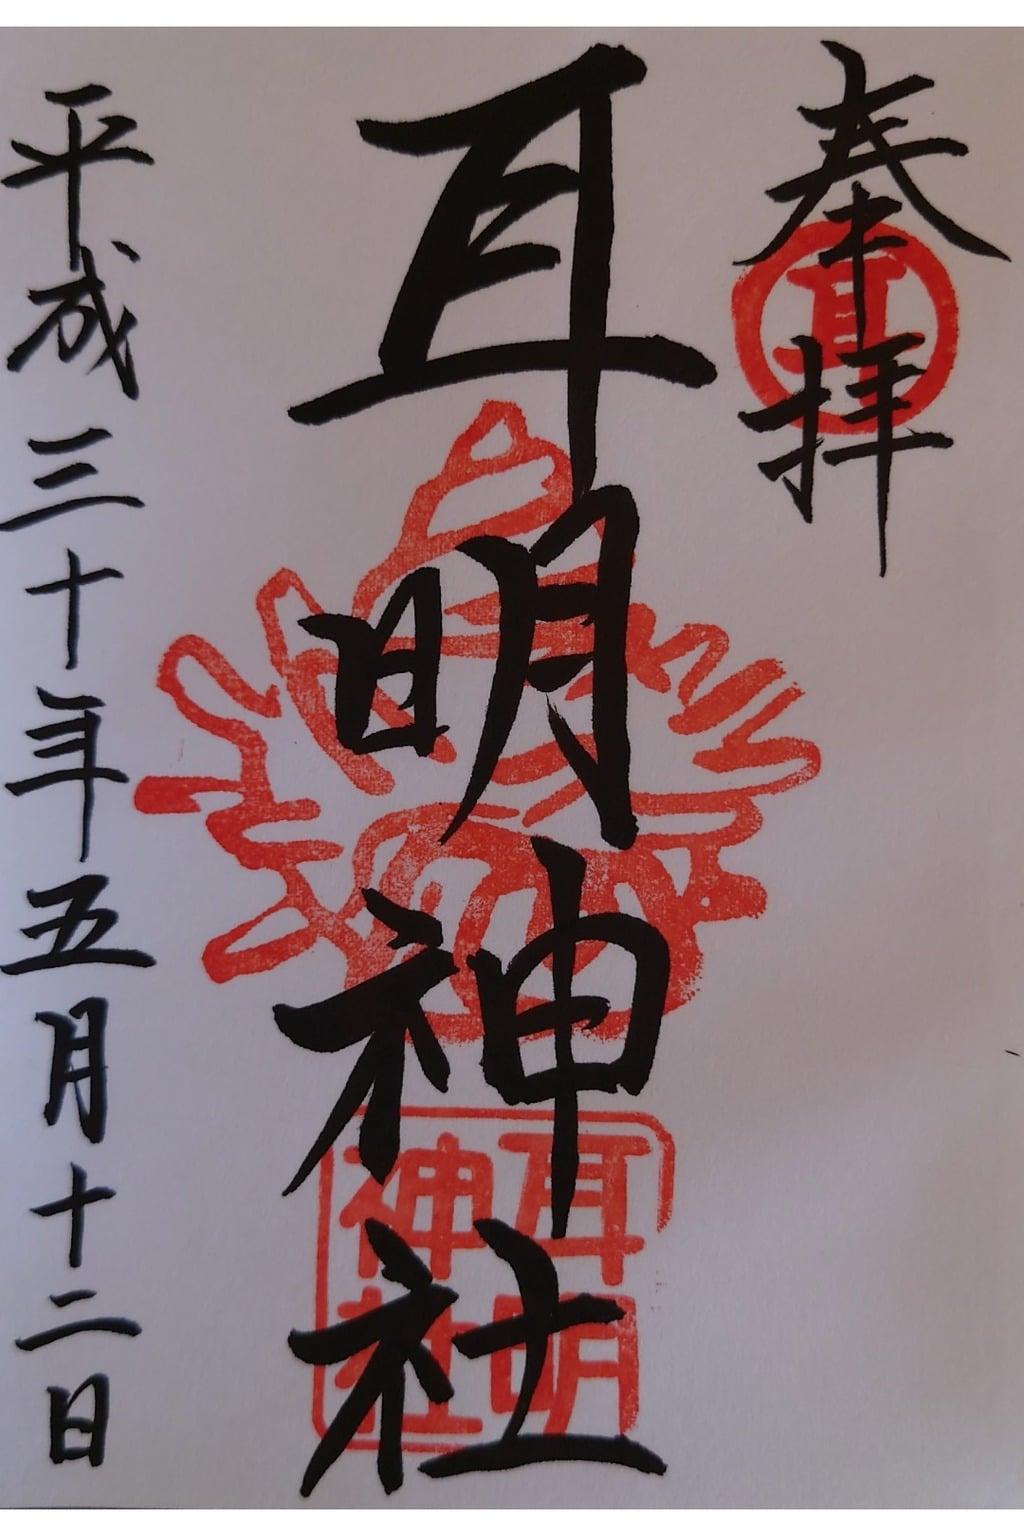 耳明神社(大山神社内)の御朱印